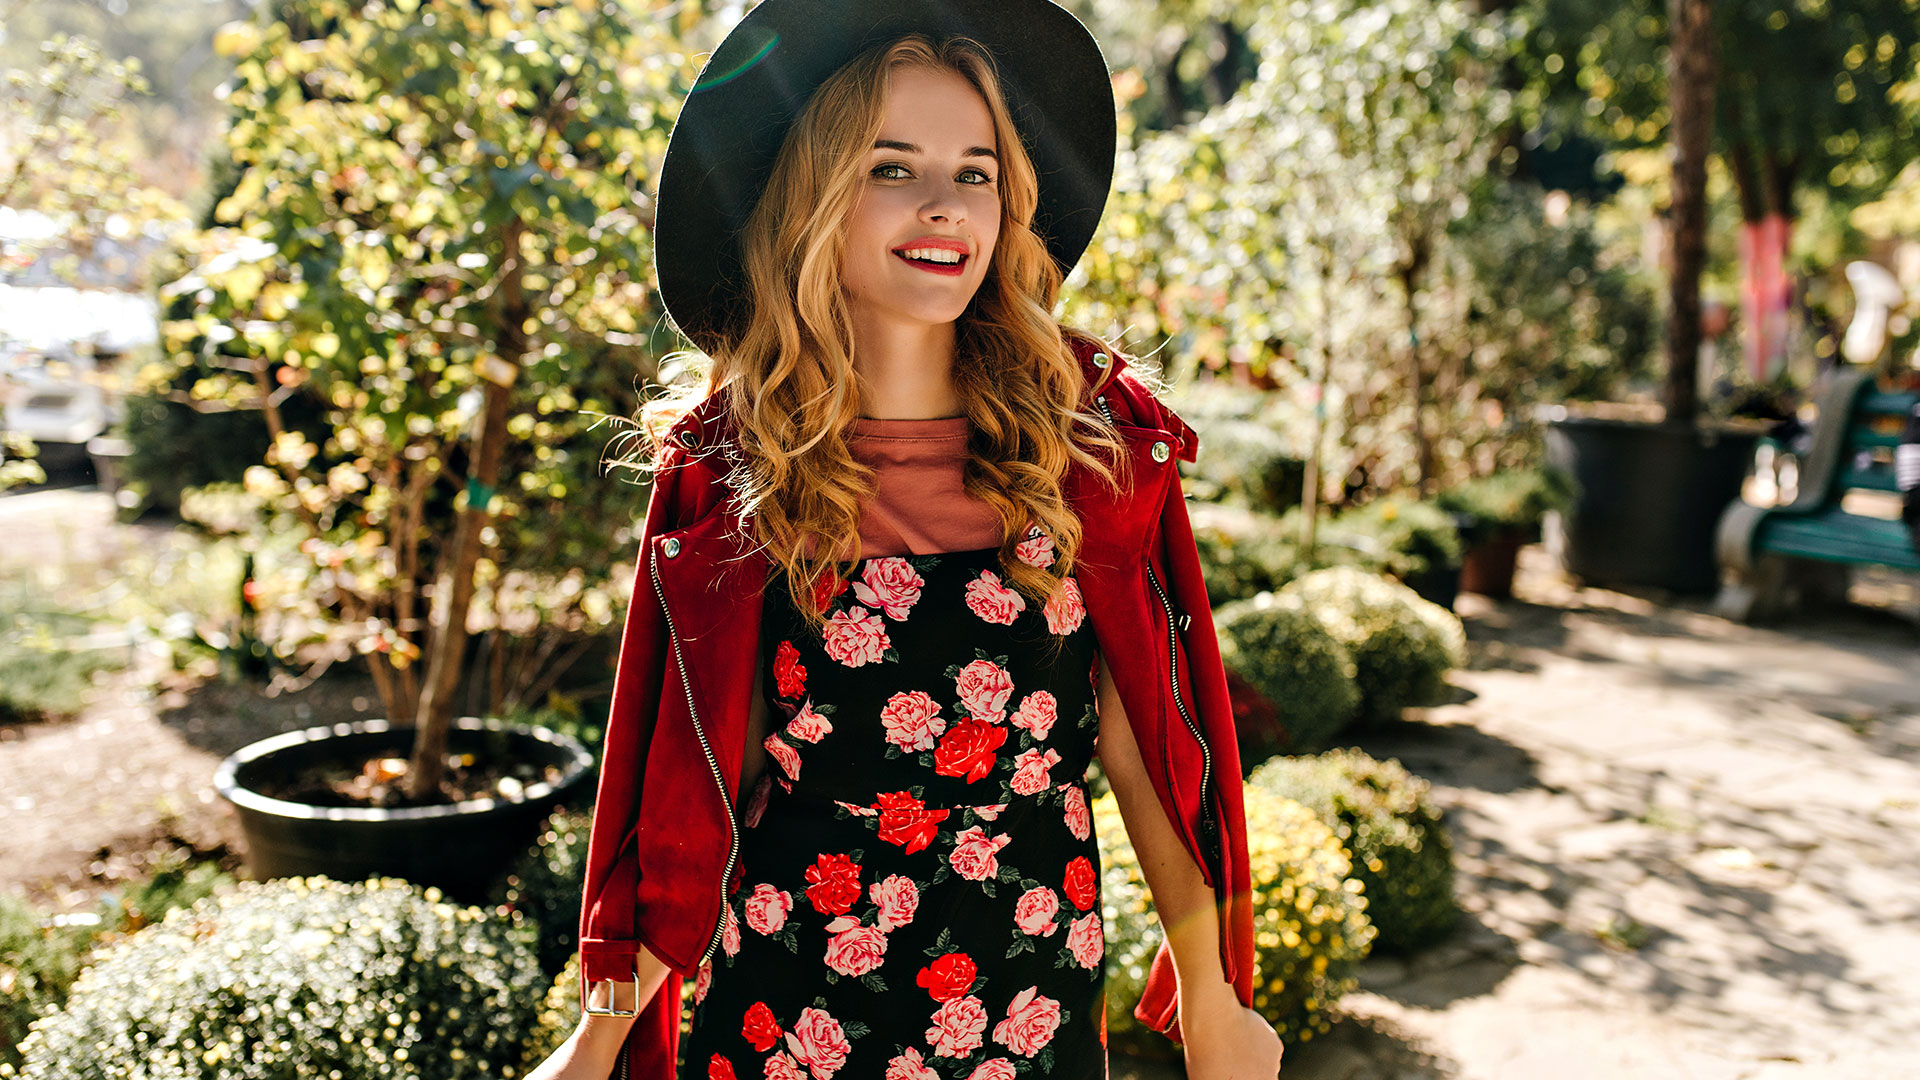 Vestiti a fiori: 3 outfit autunno inverno da indossare